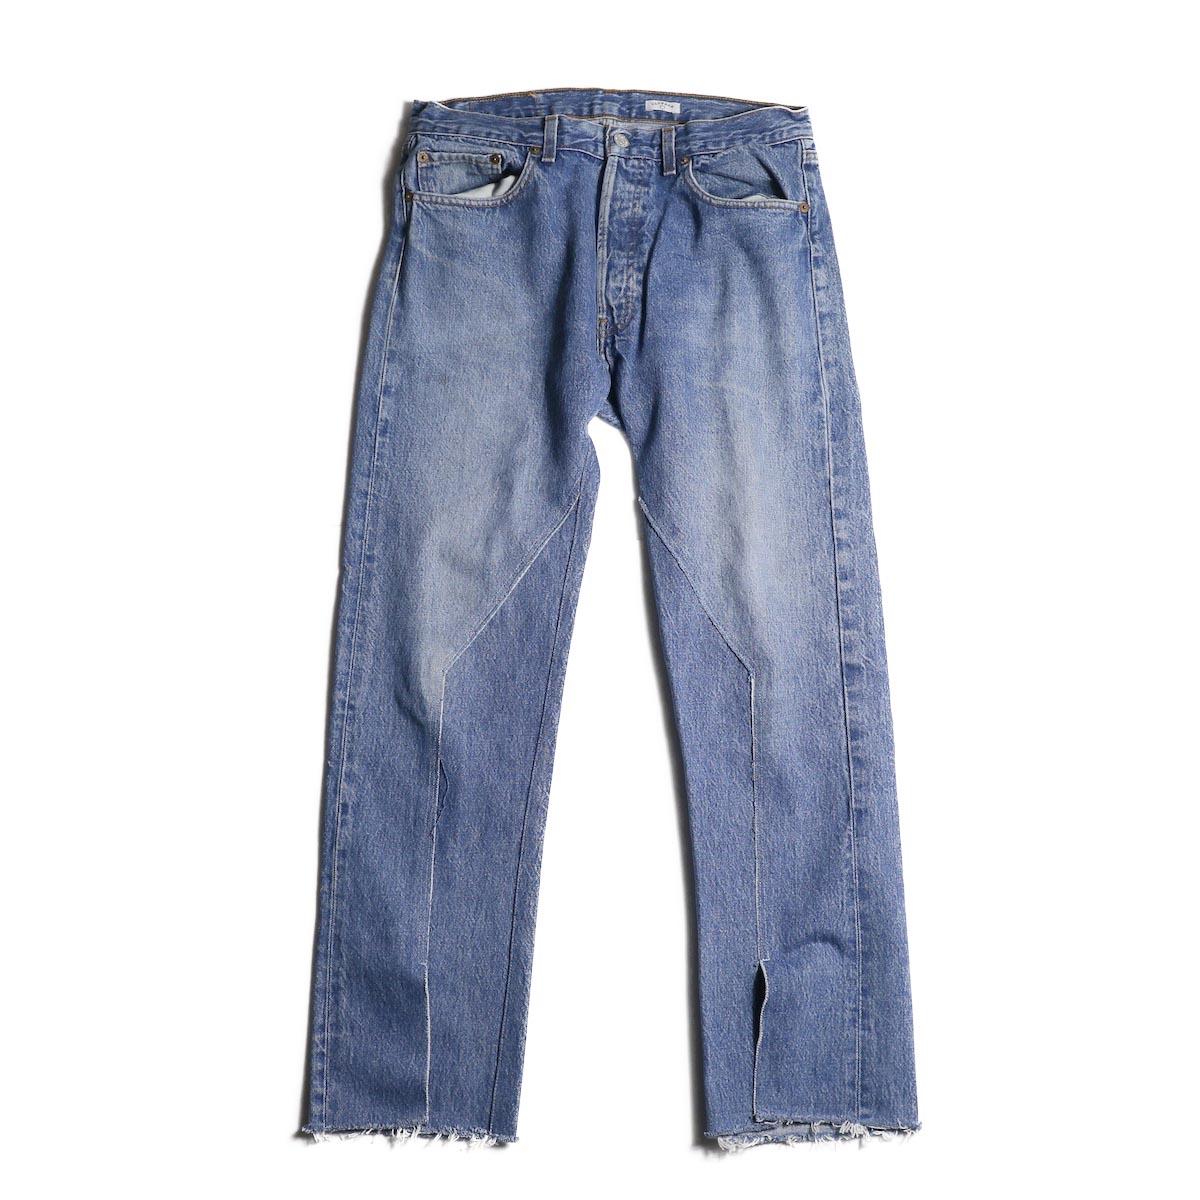 OLD PARK / Slit Jeans (Blue) (Lsize)